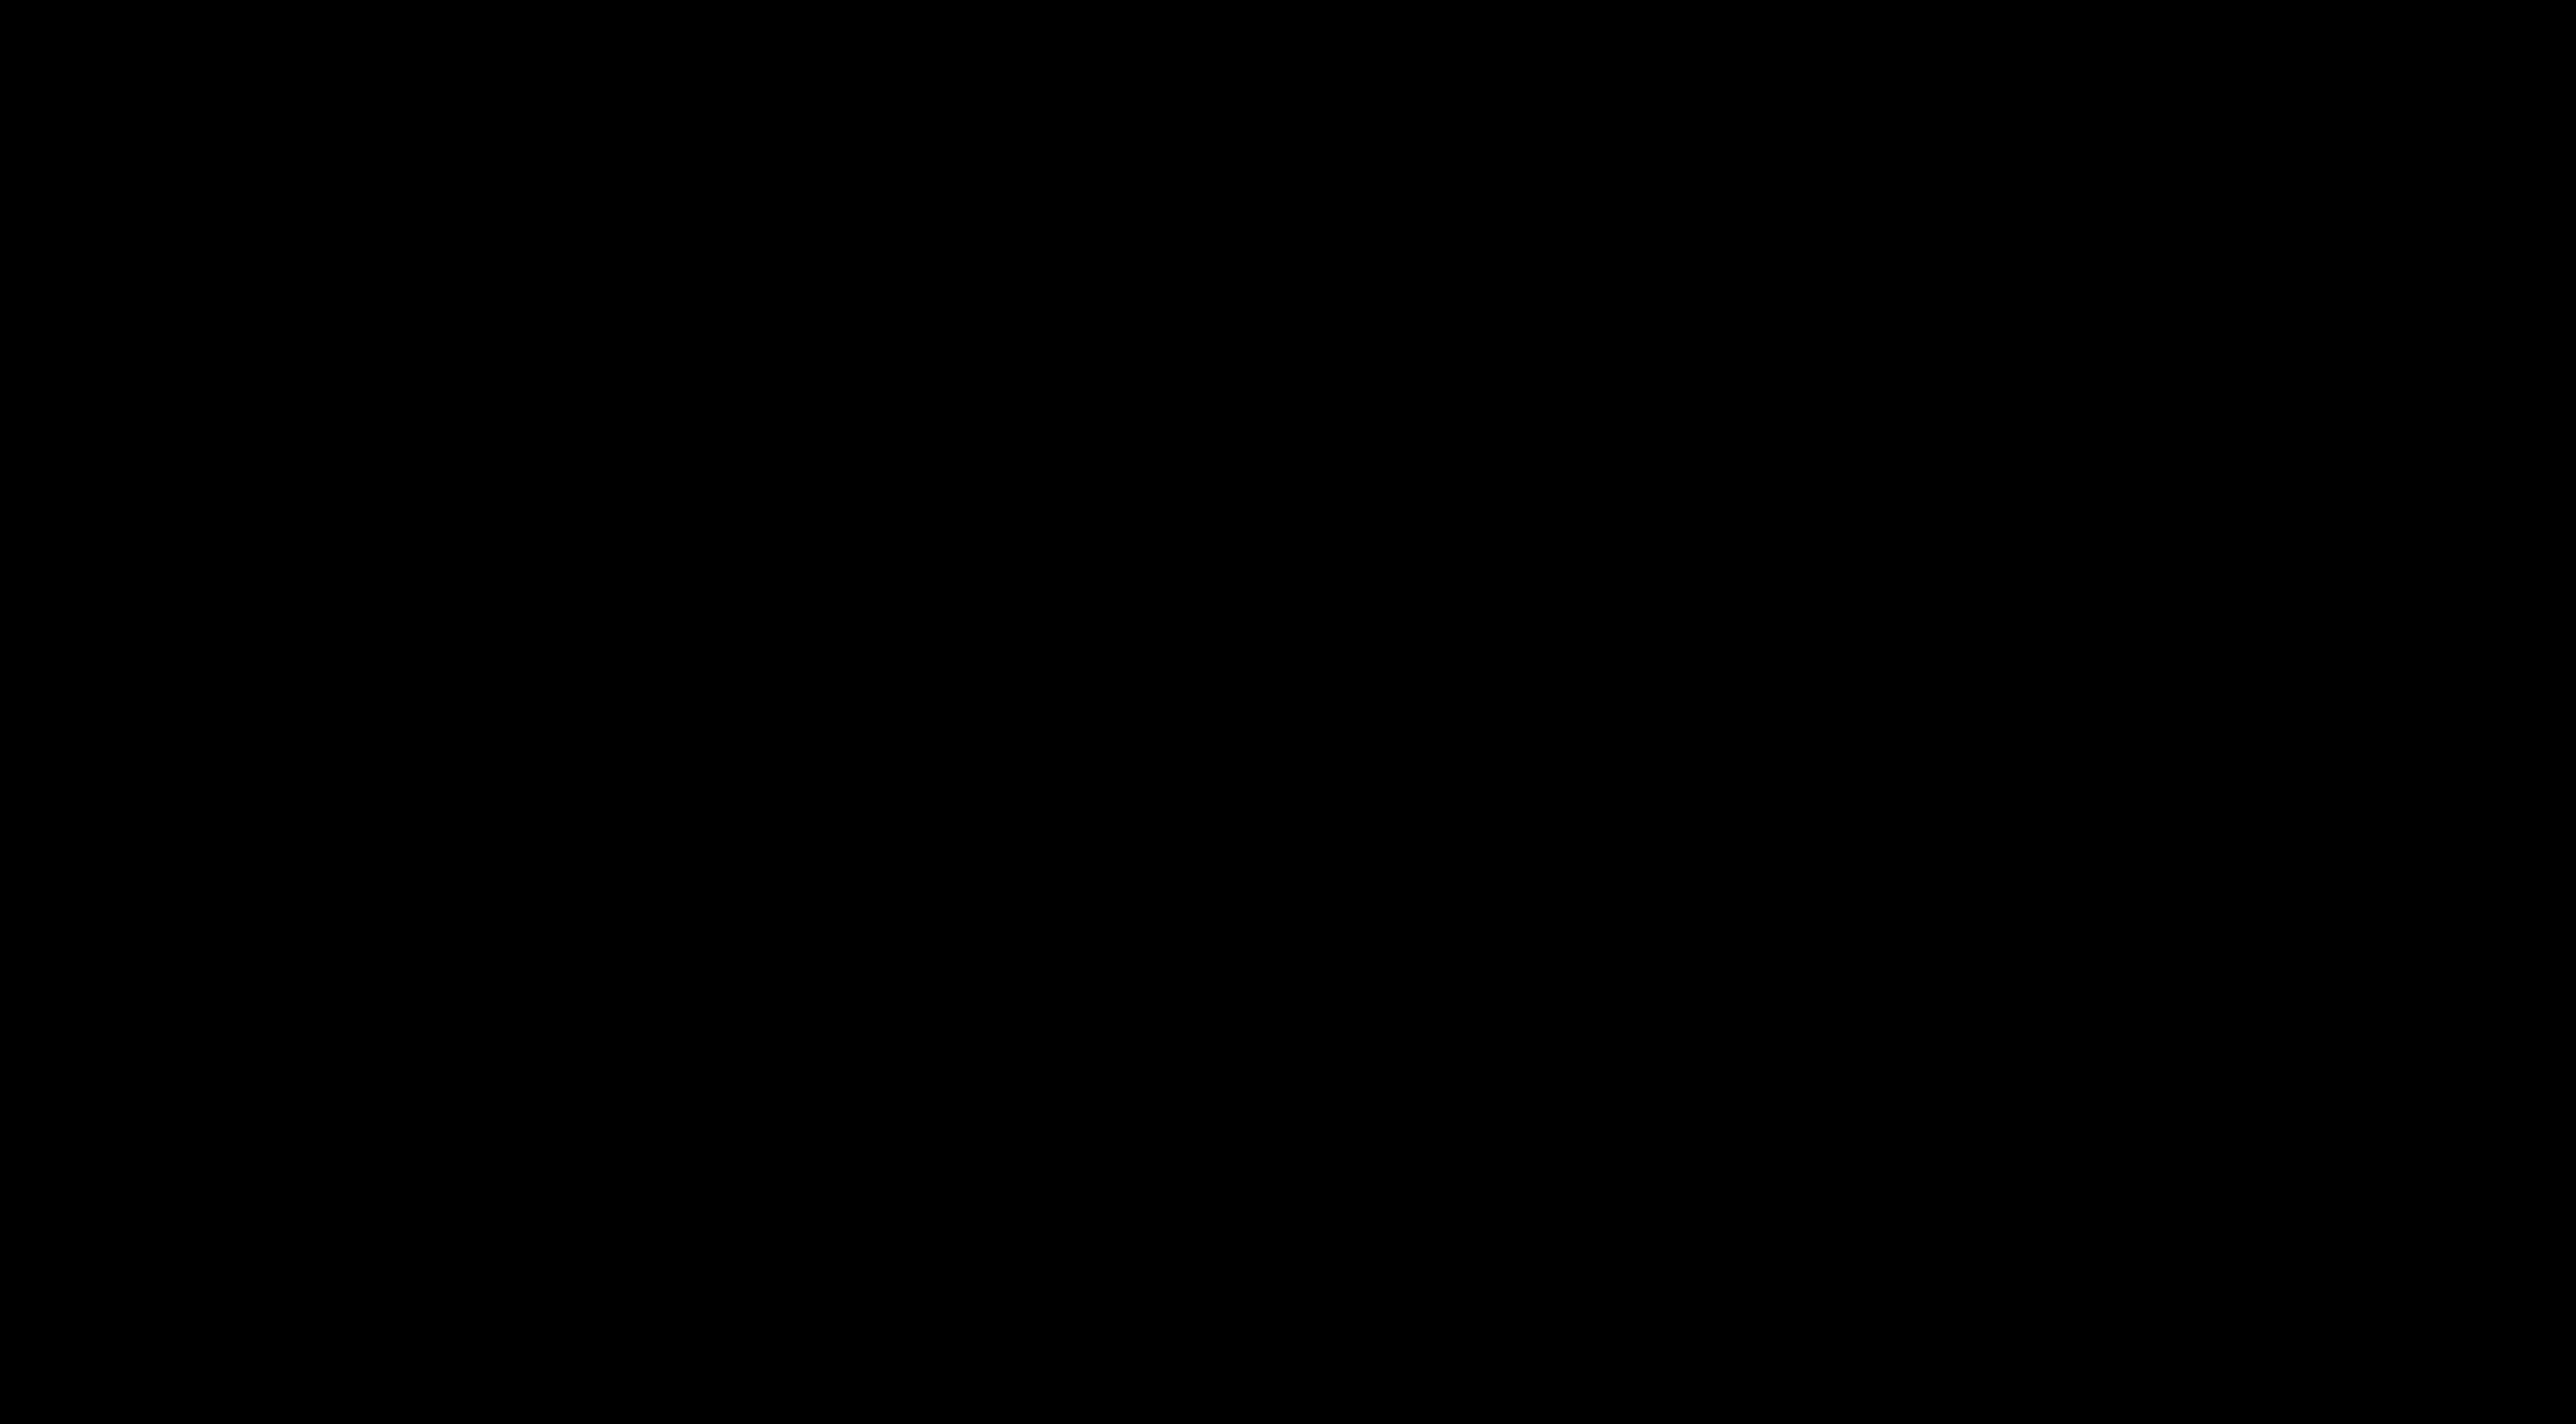 IDC、国内コネクテッドビークル市場MaaSユーザー動向調査結果を発表